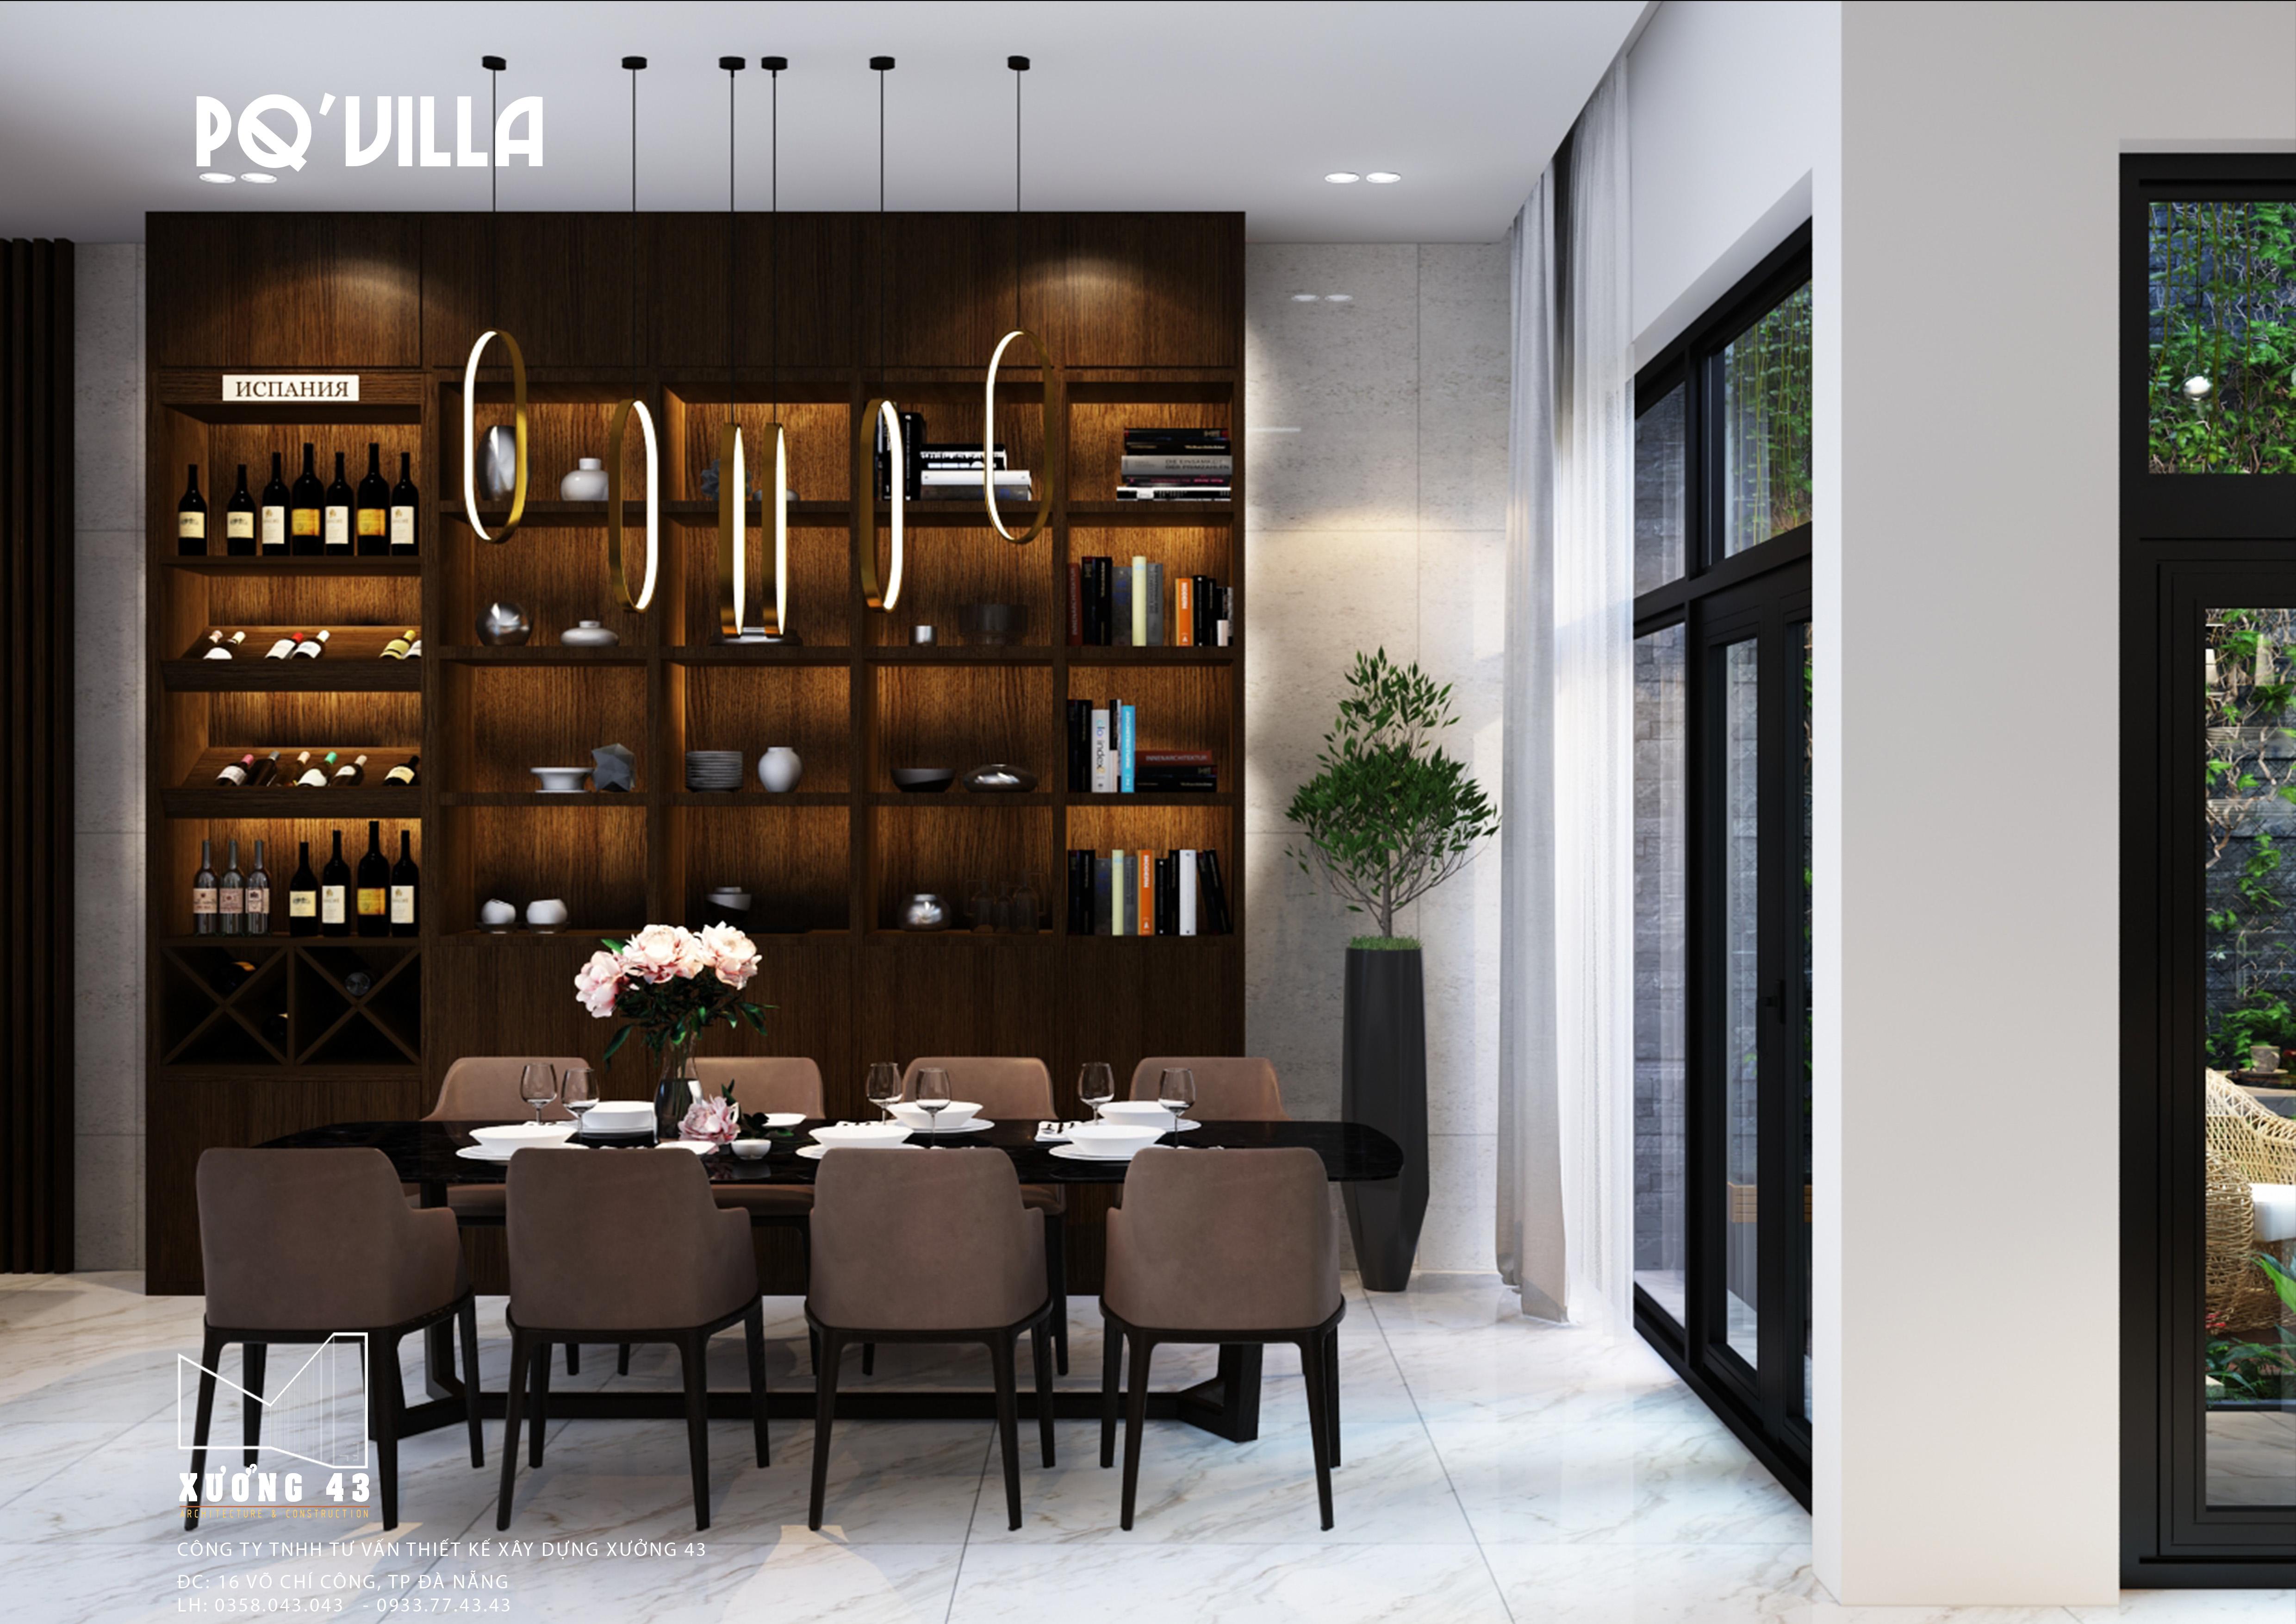 thiết kế Nhà tại Đà Nẵng PQ Villa 9 1571286153